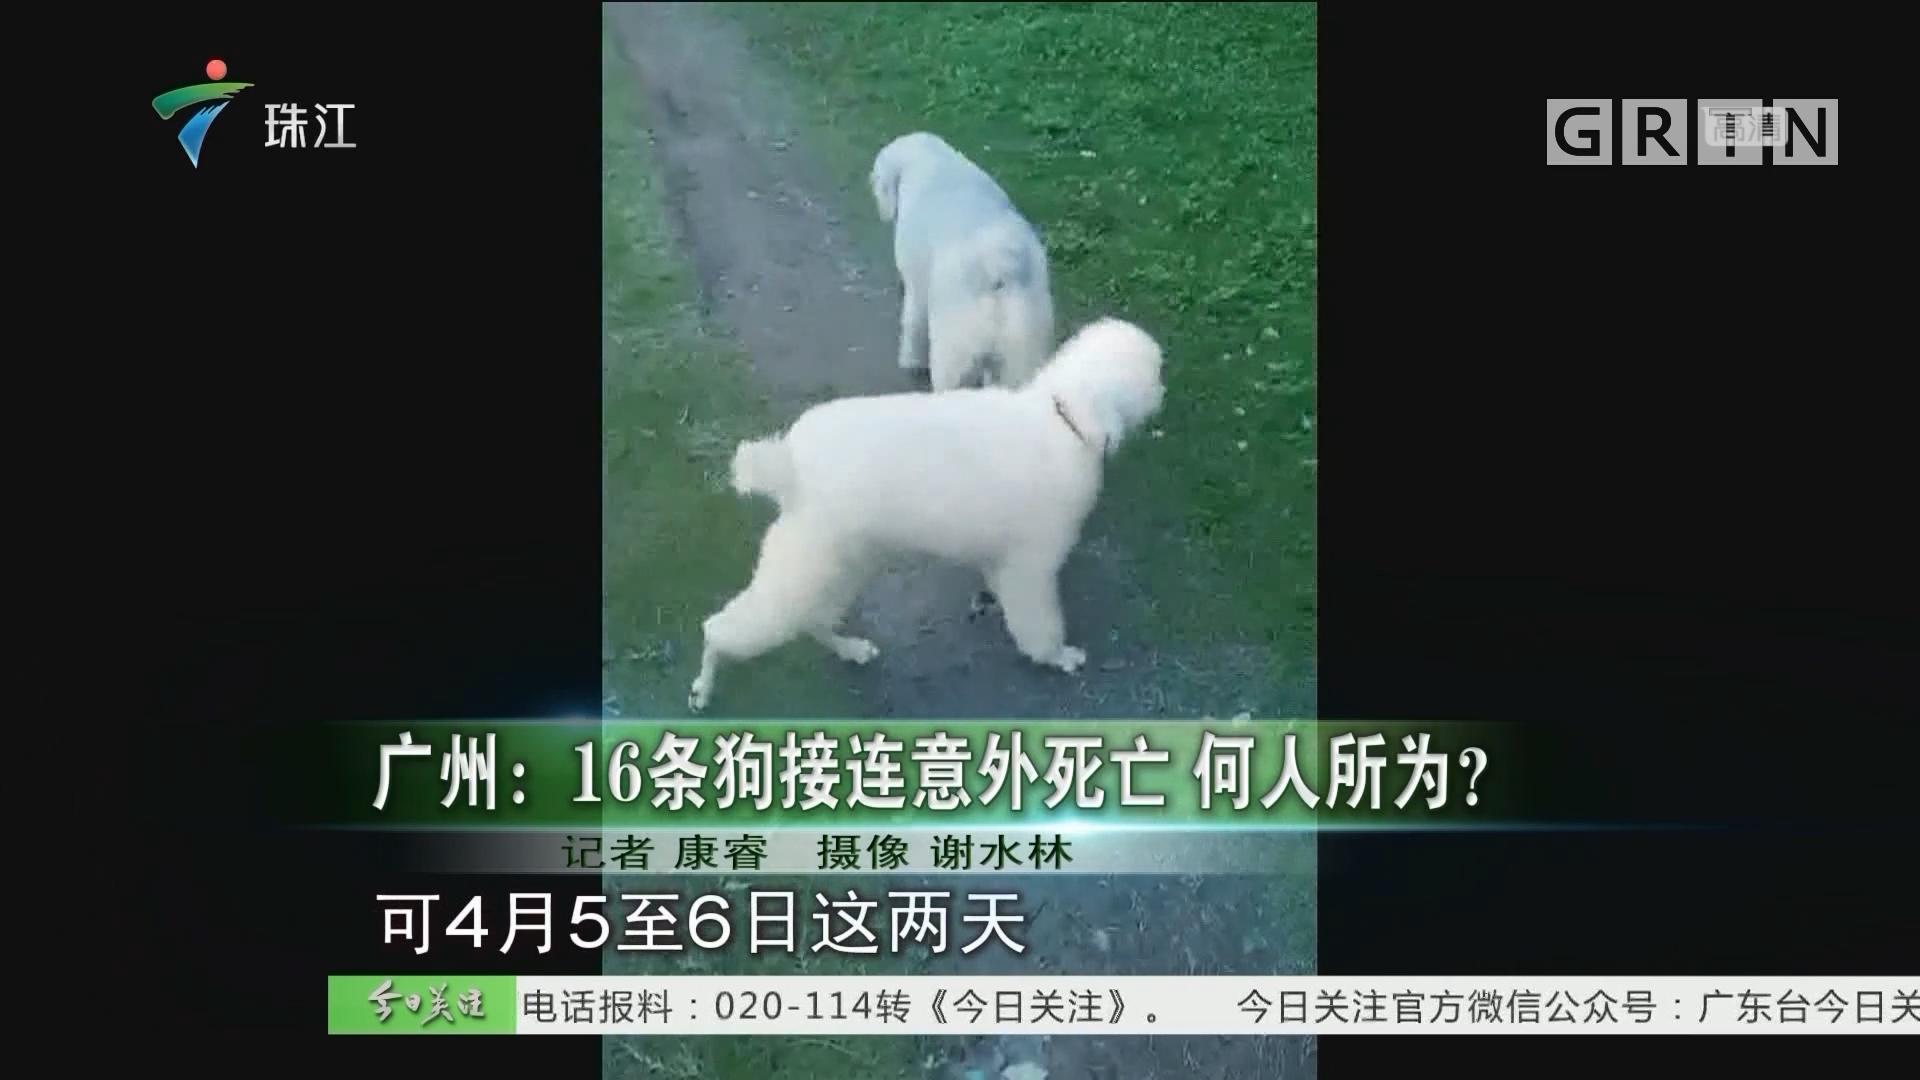 广州:16条狗接连意外死亡 何人所为?